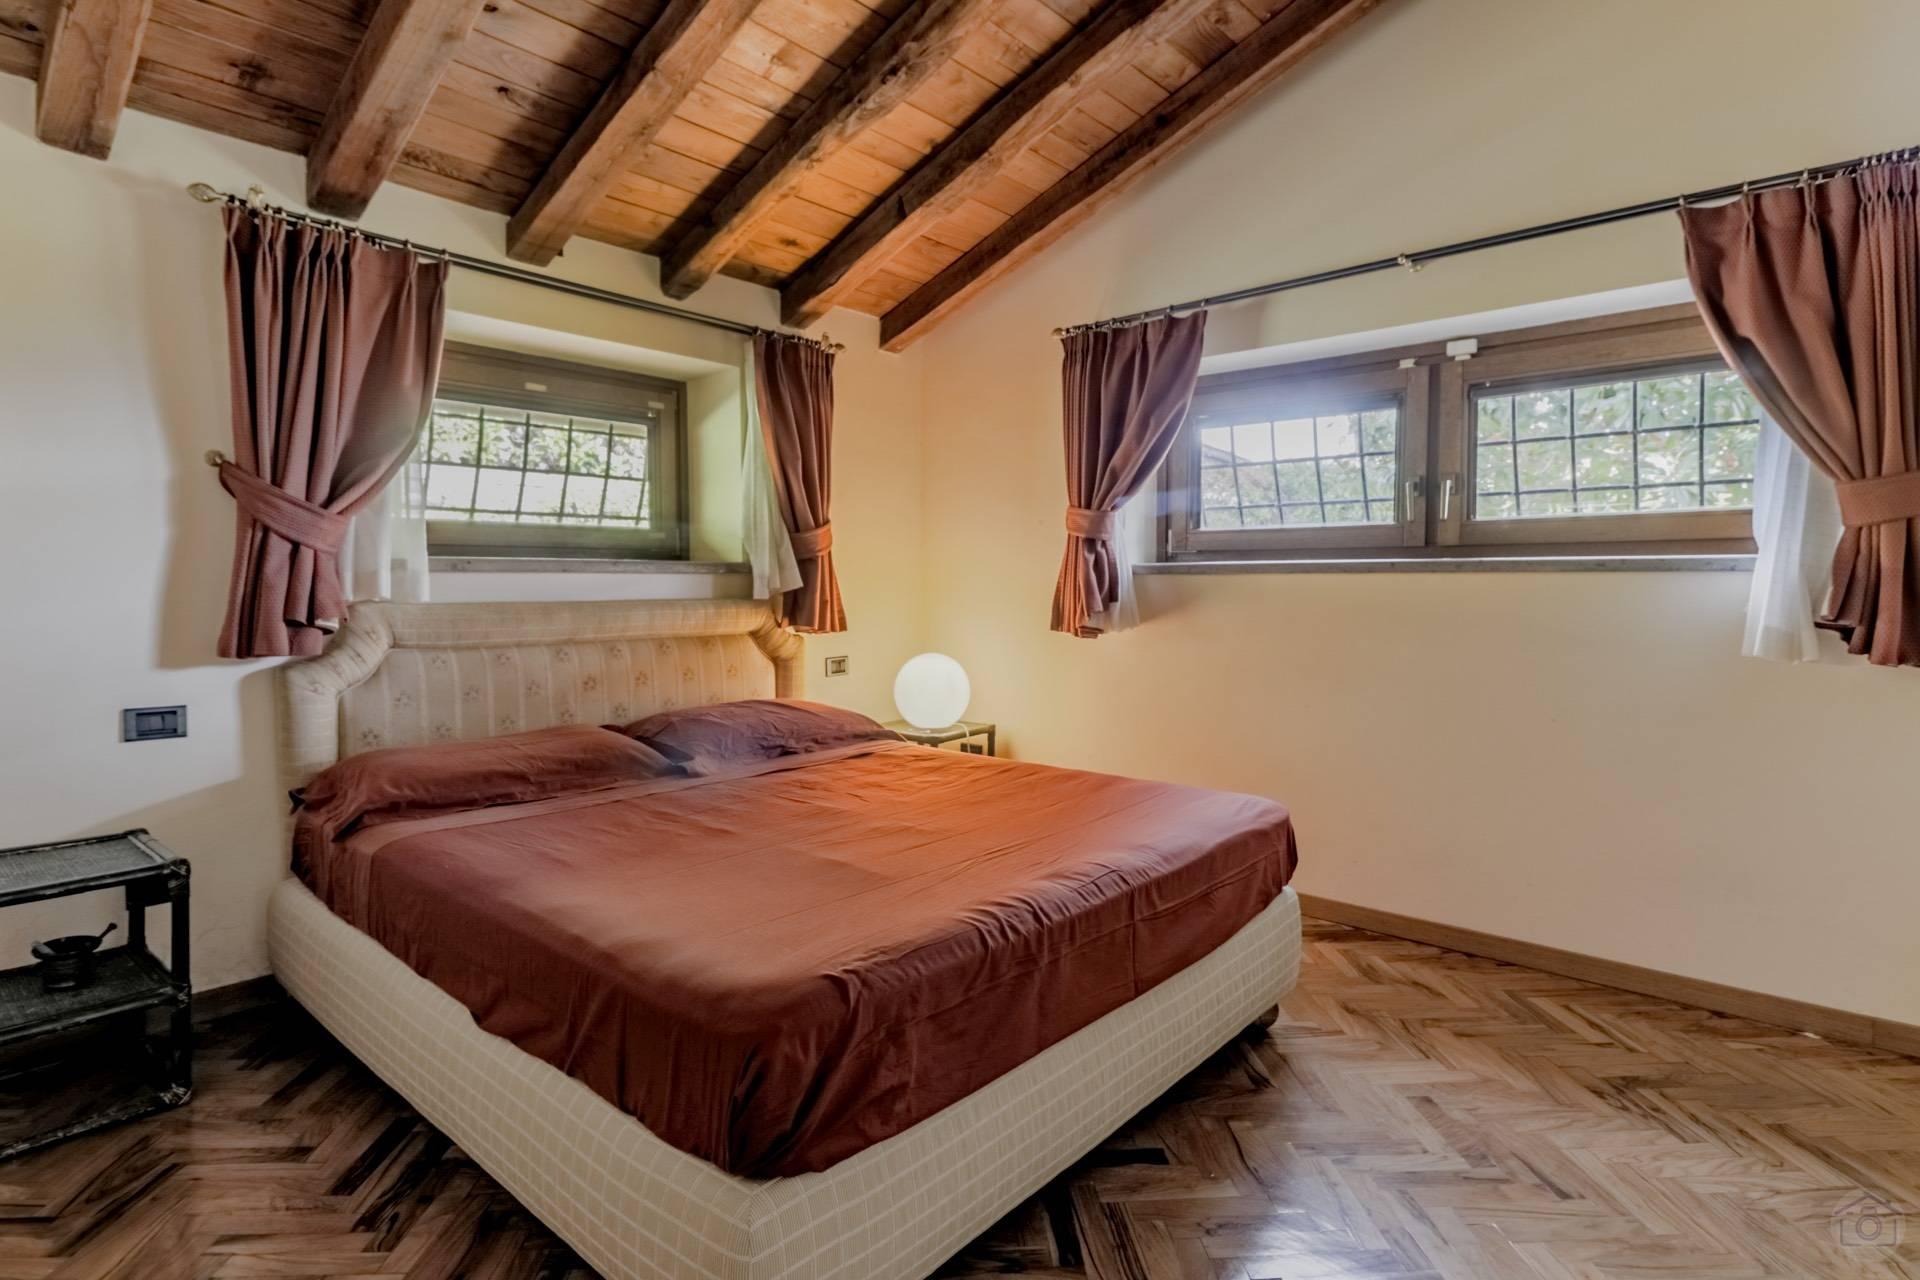 Villa in Vendita a Sacrofano: 5 locali, 180 mq - Foto 11